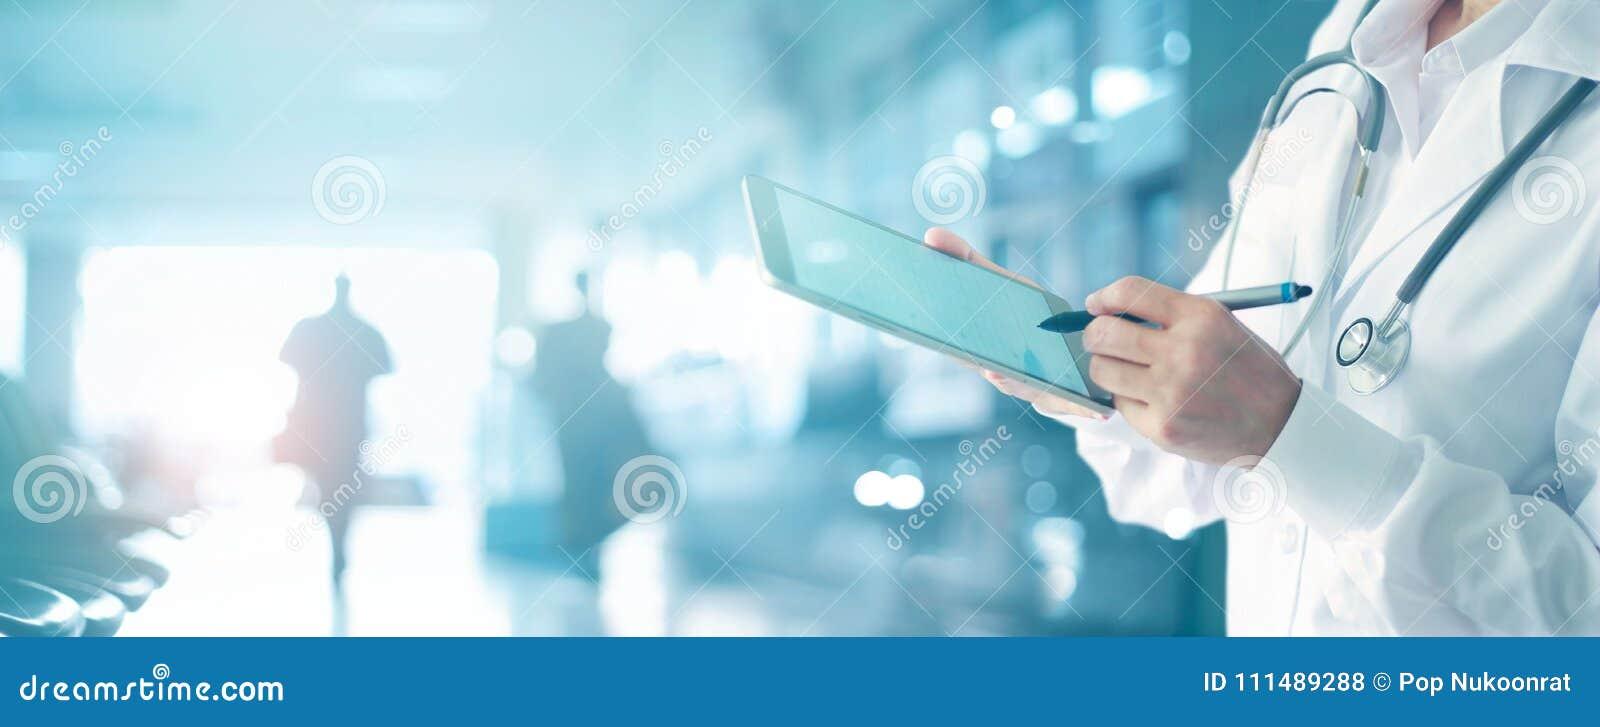 有听诊器感人的体格检查信息网的医学医生